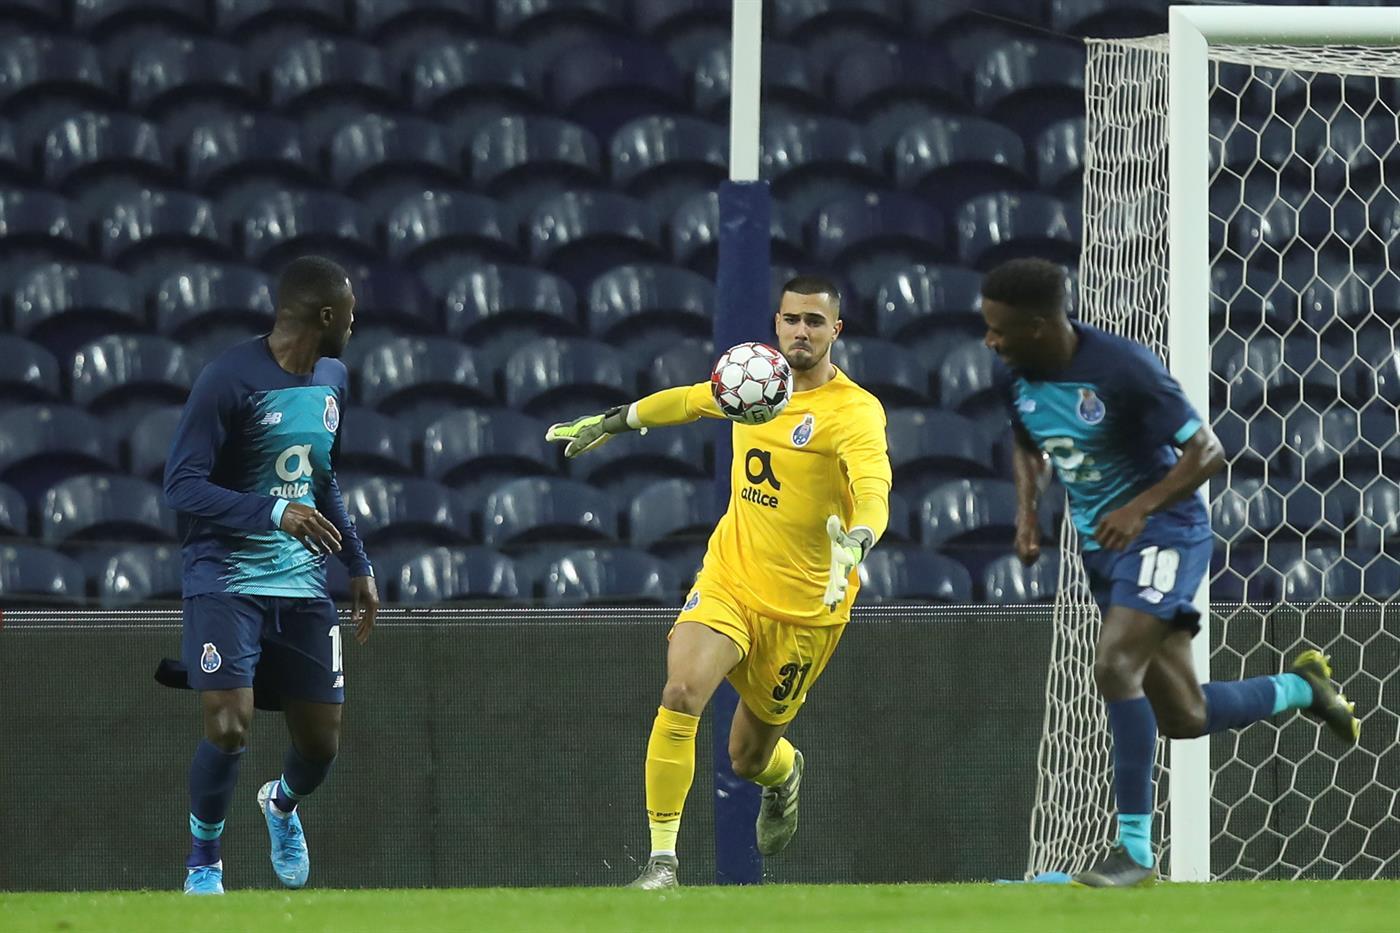 FC Porto-V. Setúbal um a um: O toque de Midas nos pés de Corona